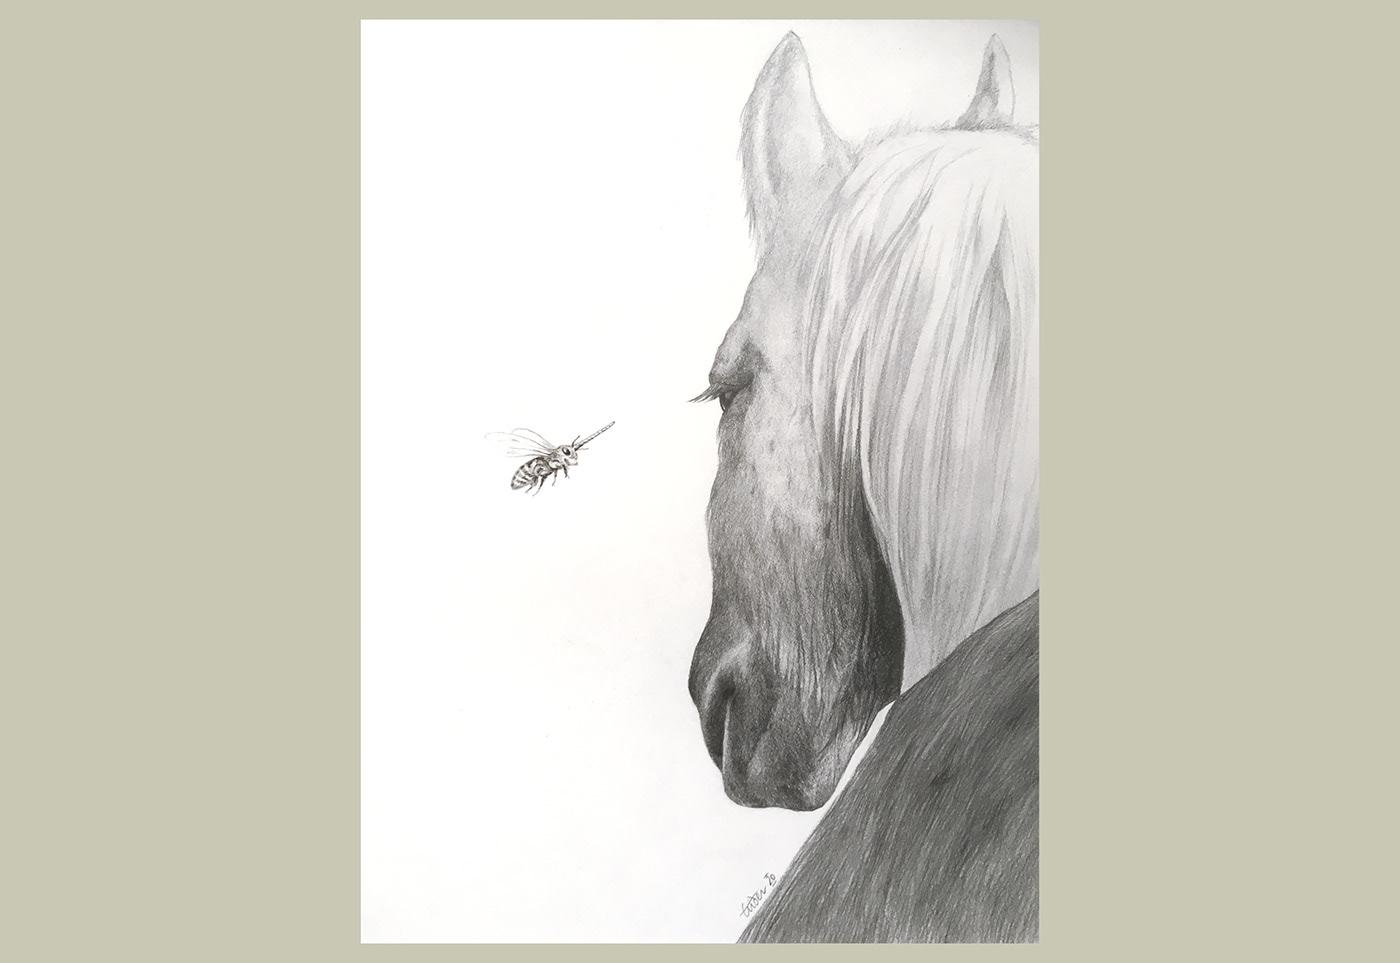 Illustration surréaliste montrant la rencontre imaginaire entre un cheval et une abeille licorne.